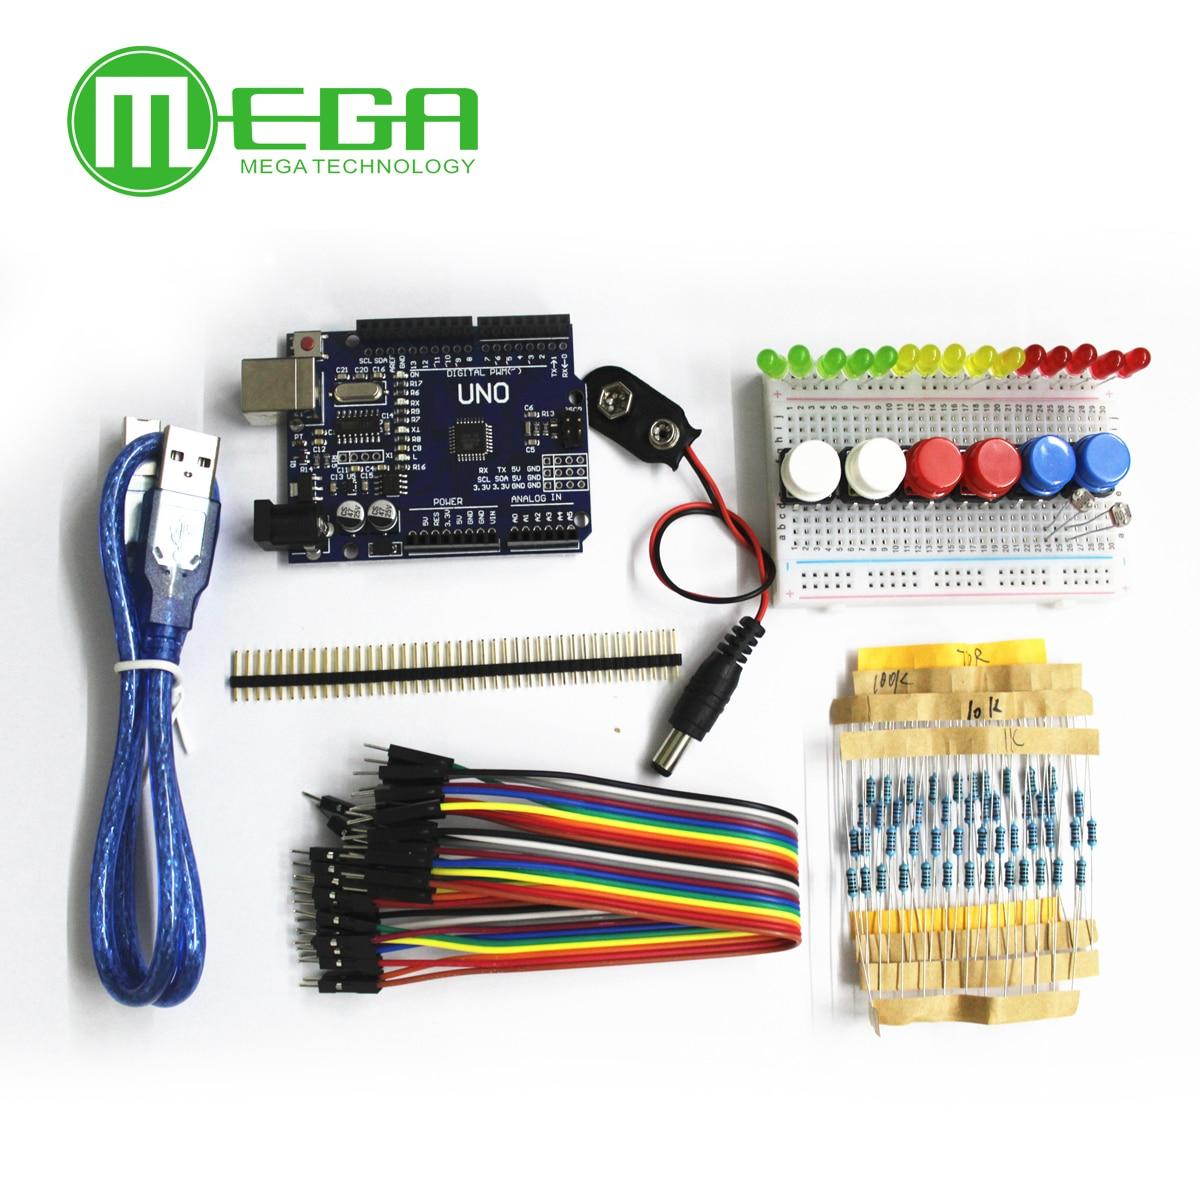 1 компл. Новый Starter Kit ООН R3 мини Макет светодиодный Перемычка кнопку провода для Arduino compatile